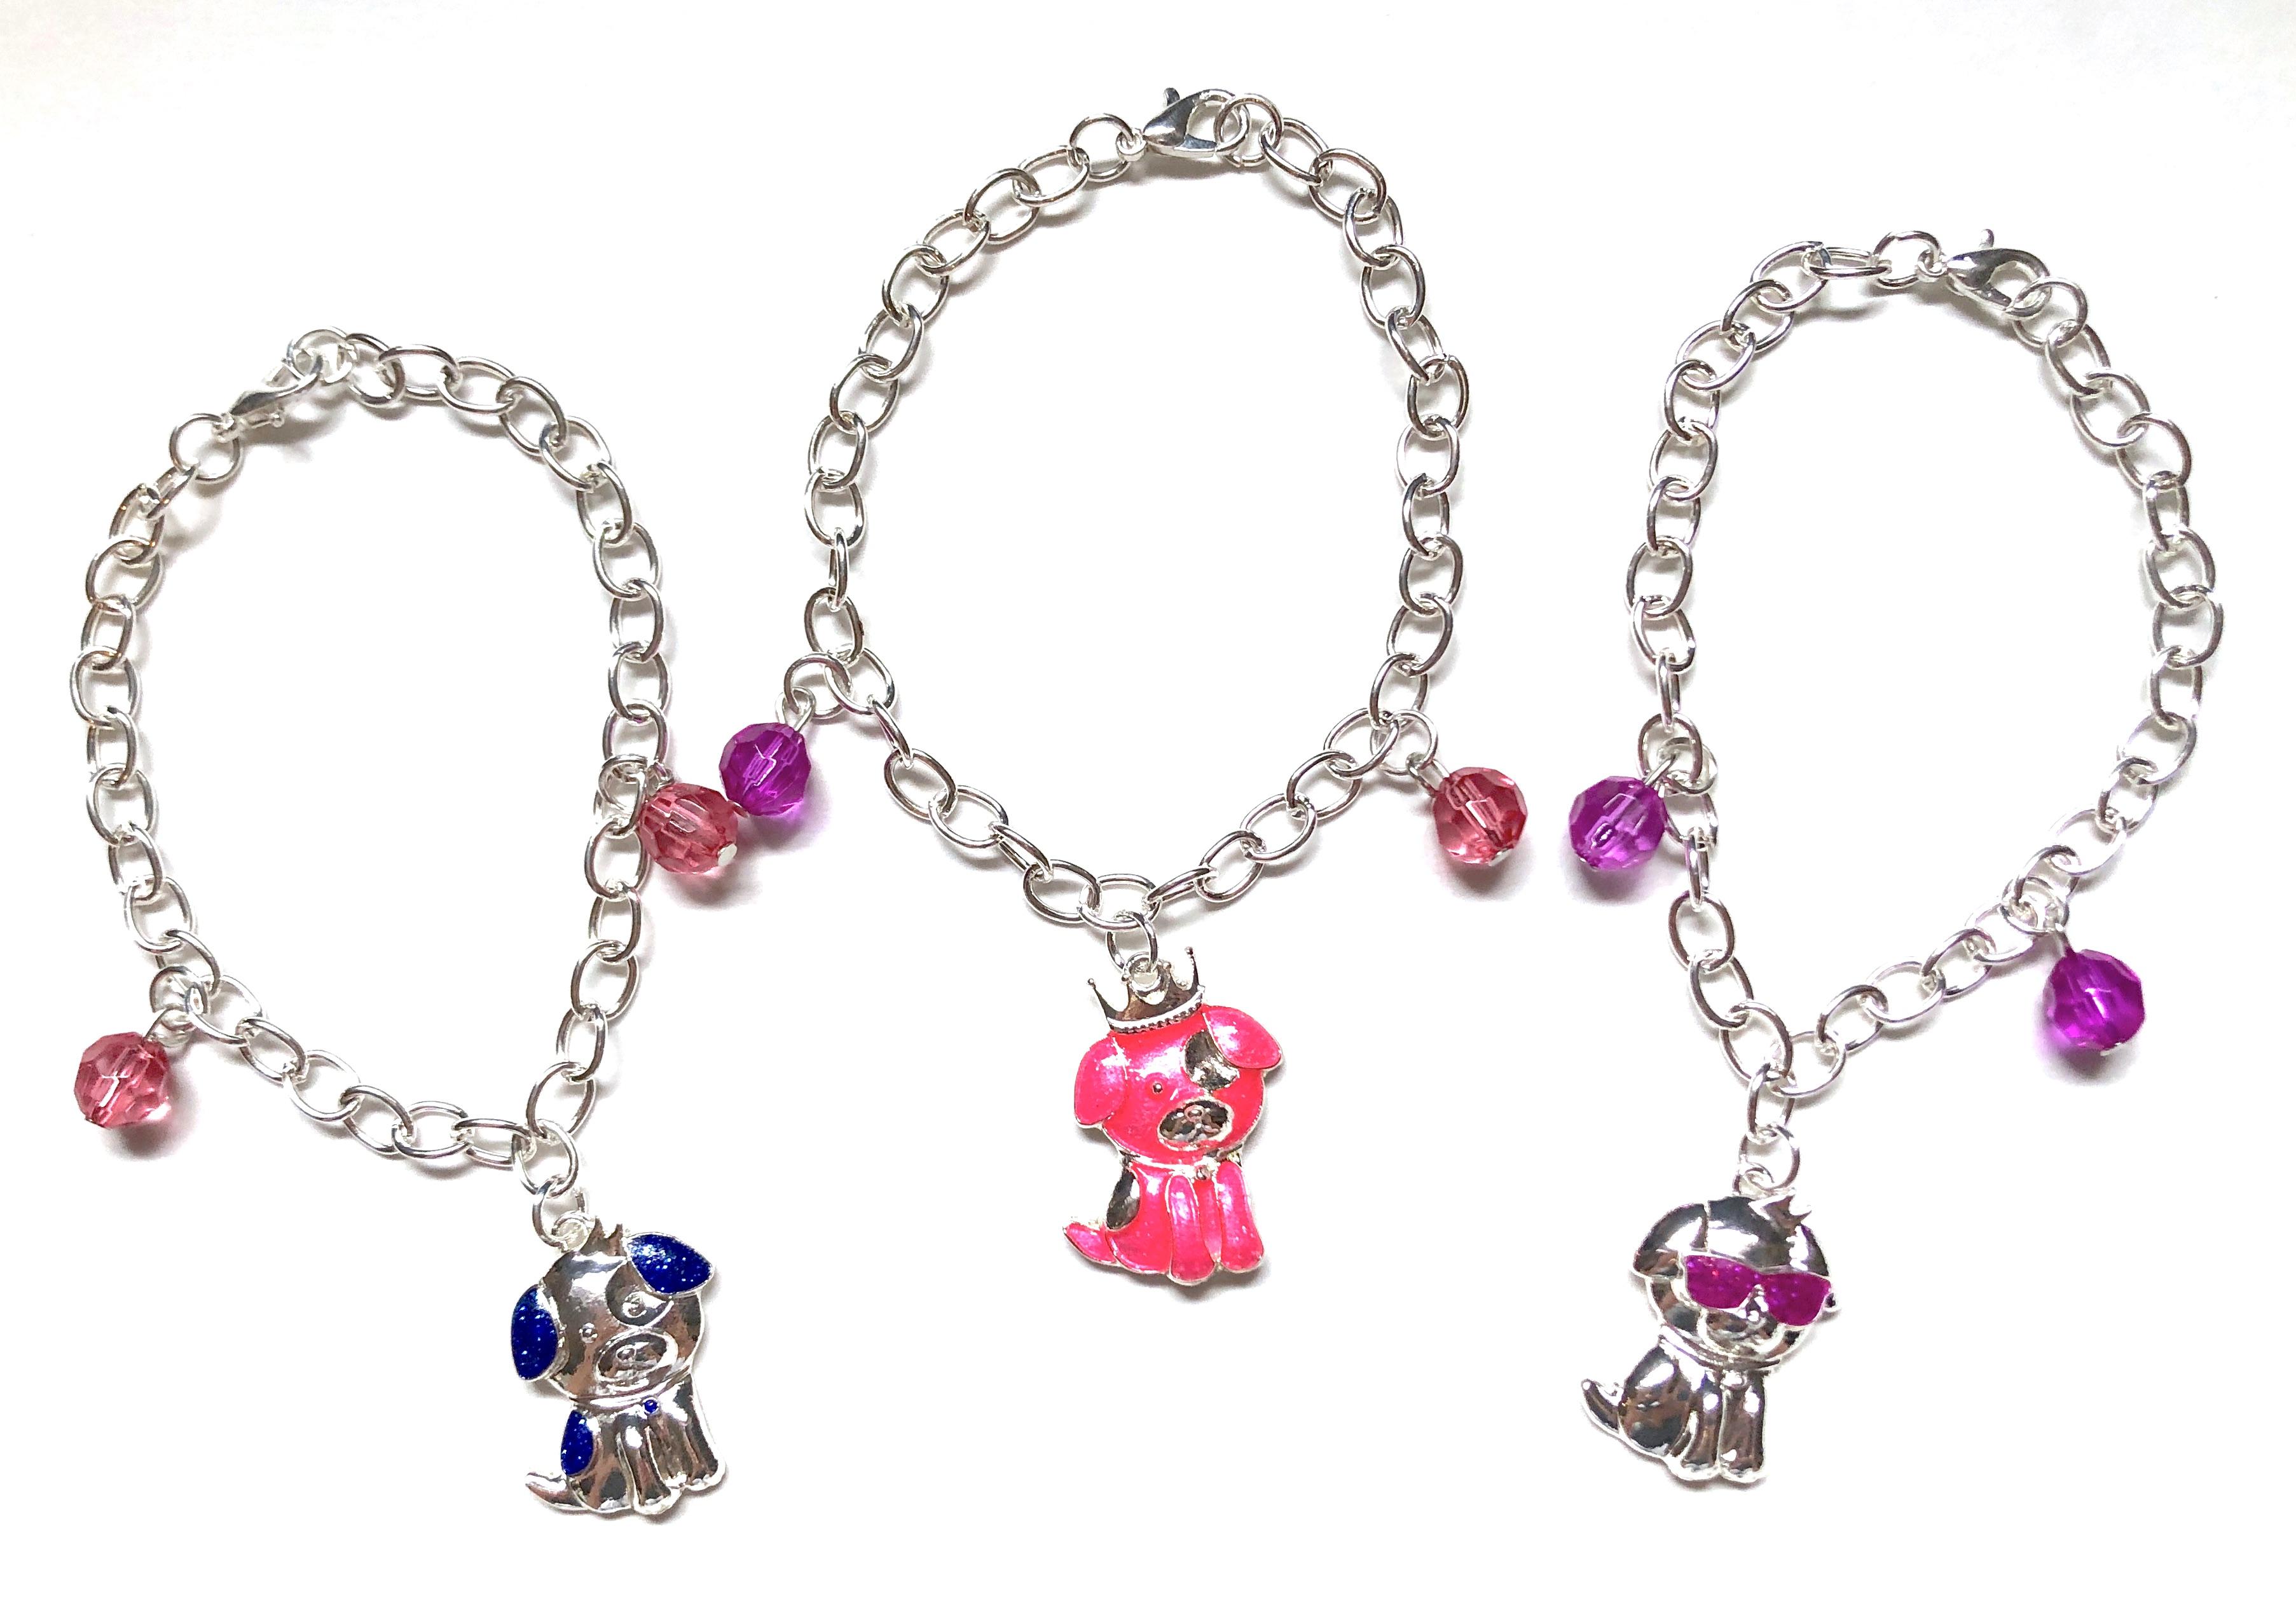 Puppy Charm Bracelets